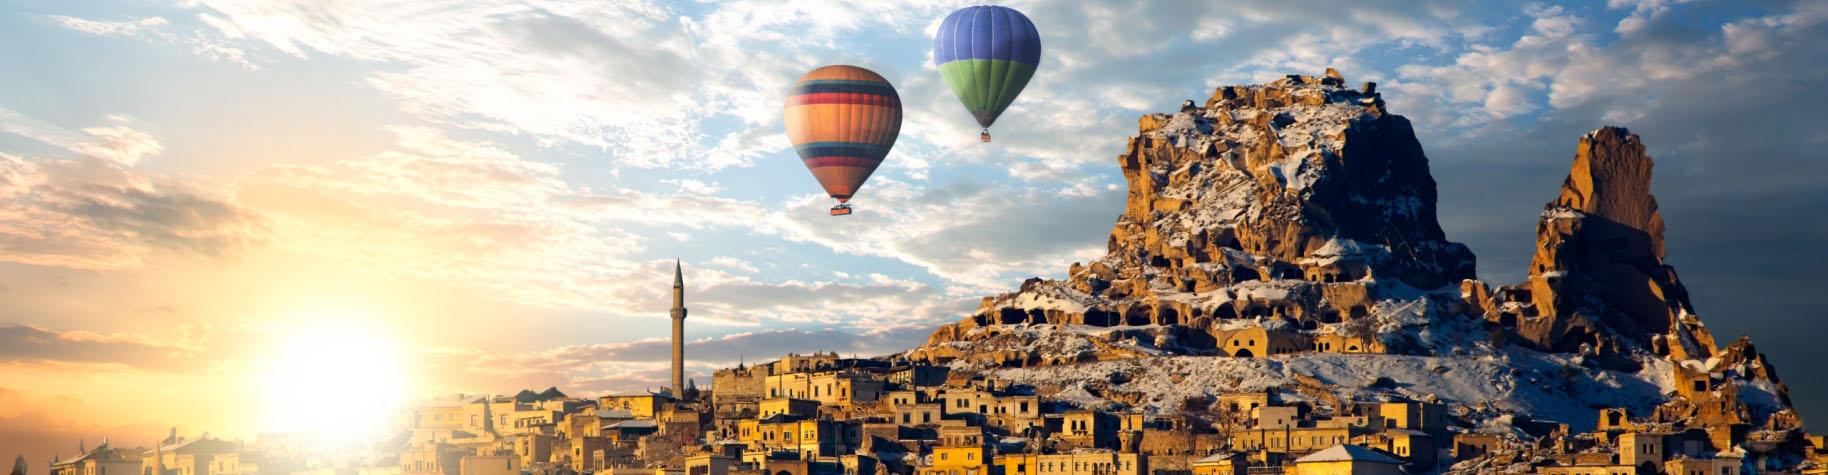 Maak een ballonvaart over Cappadocië